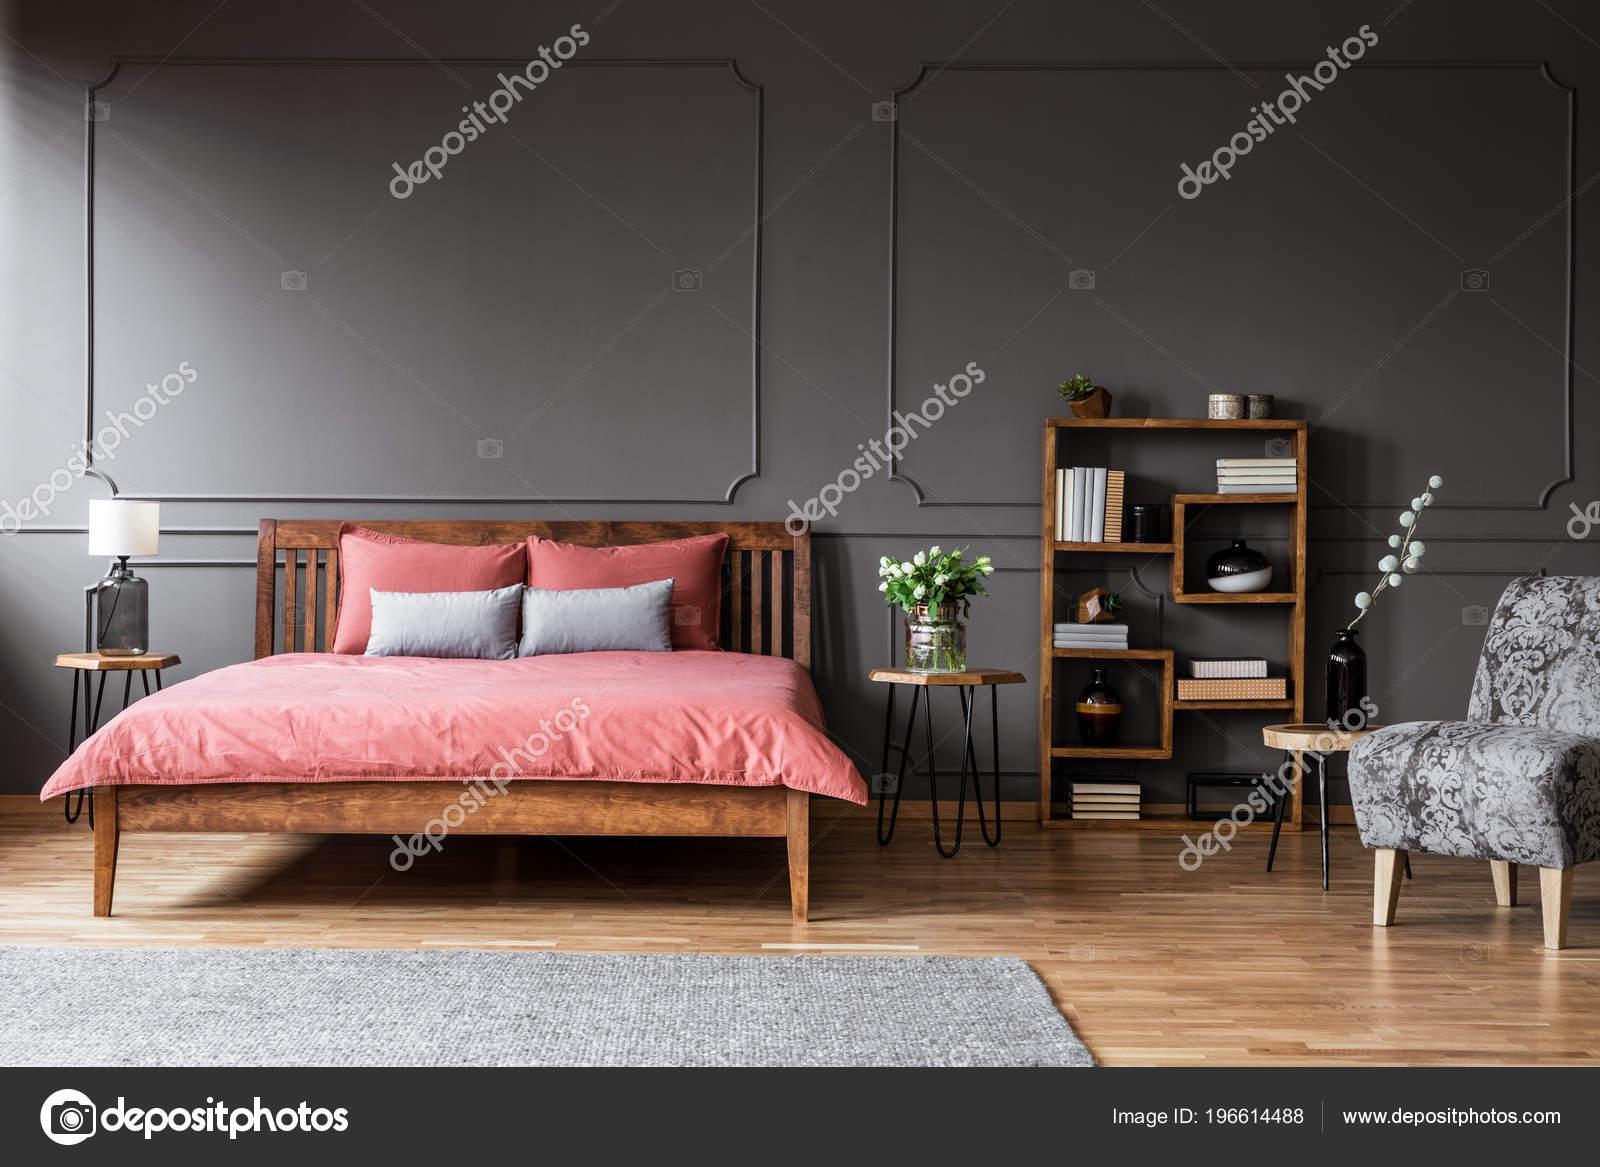 Roze Grijze Slaapkamer : Bloemen houten tafel naast roze bed elegante grijze slaapkamer